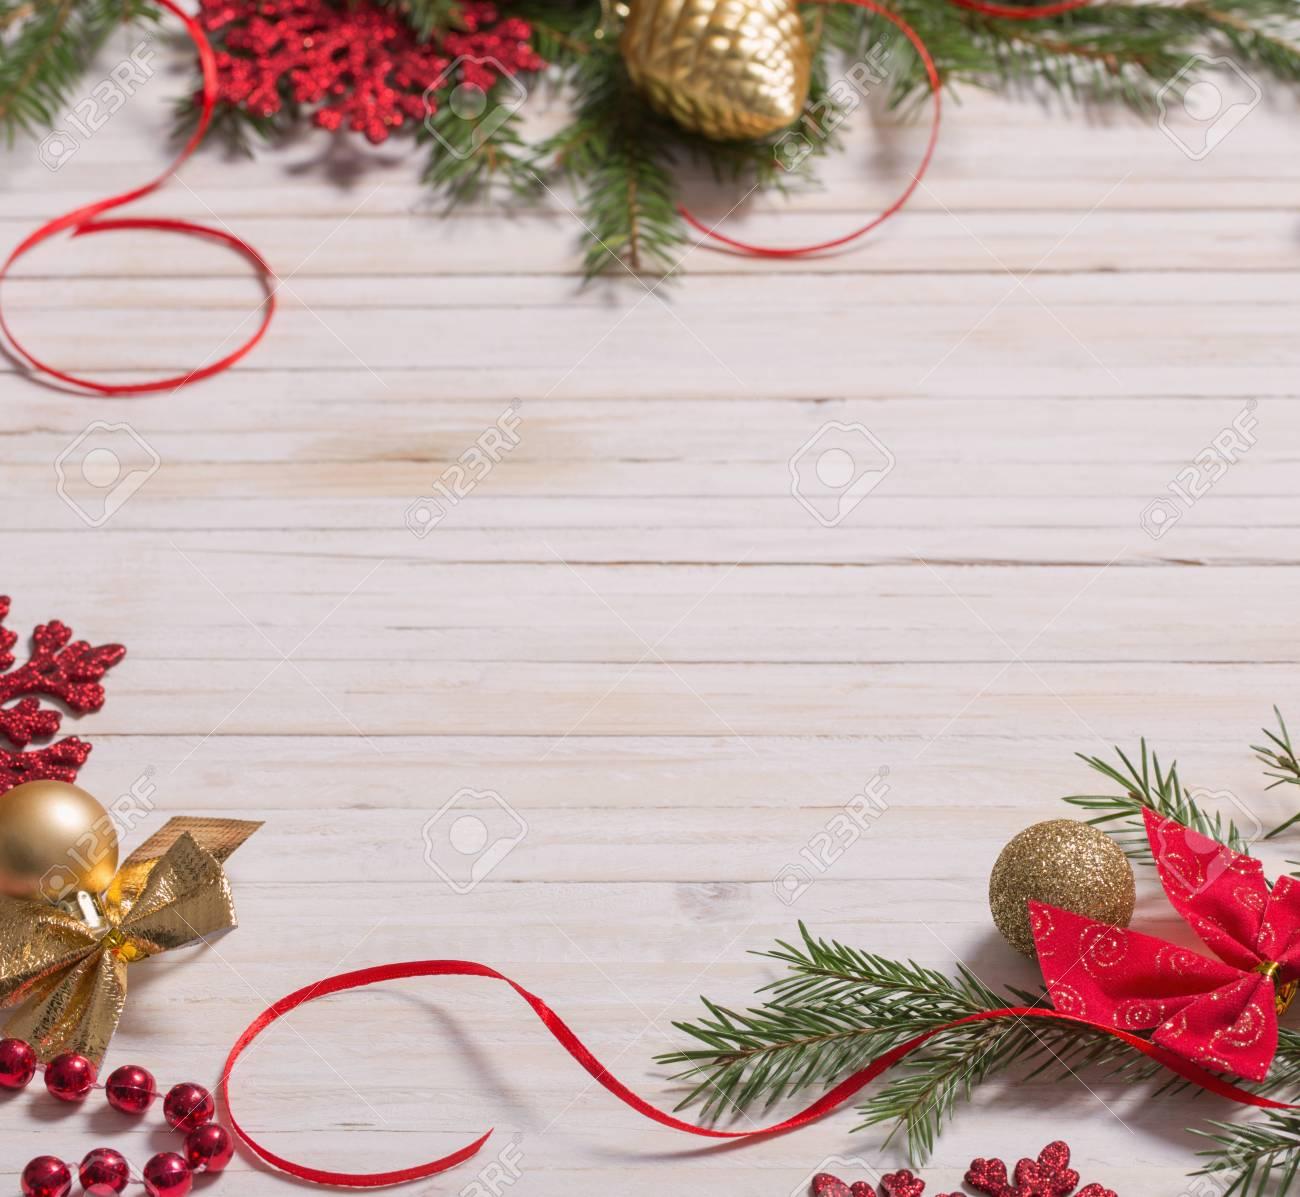 Sfondi Natalizi Jpg.Decorazioni Di Natale Su Sfondo Bianco Di Legno